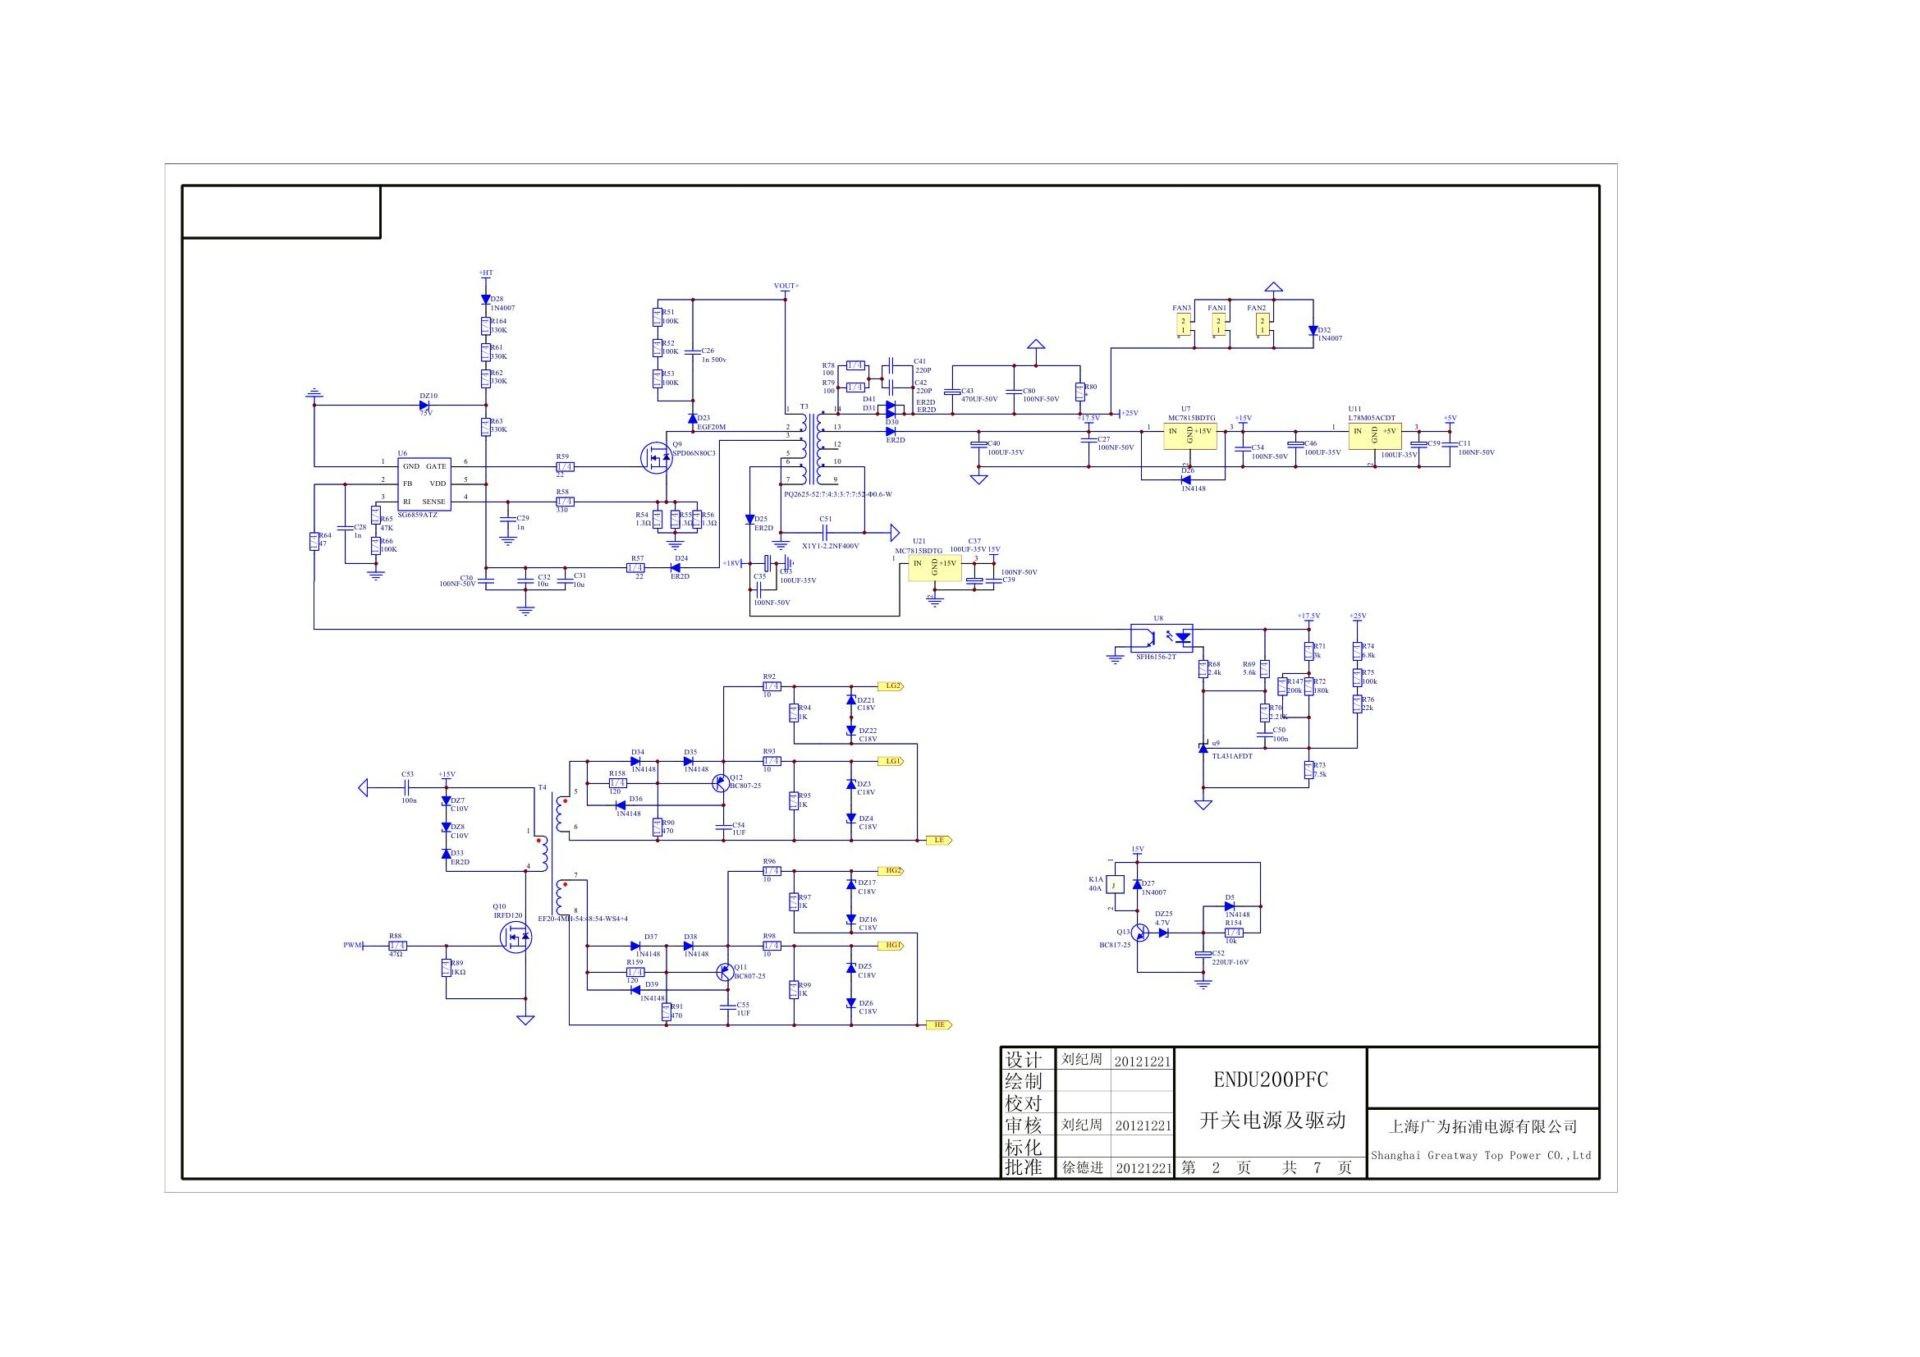 САИ-250ПРОФ схема 3